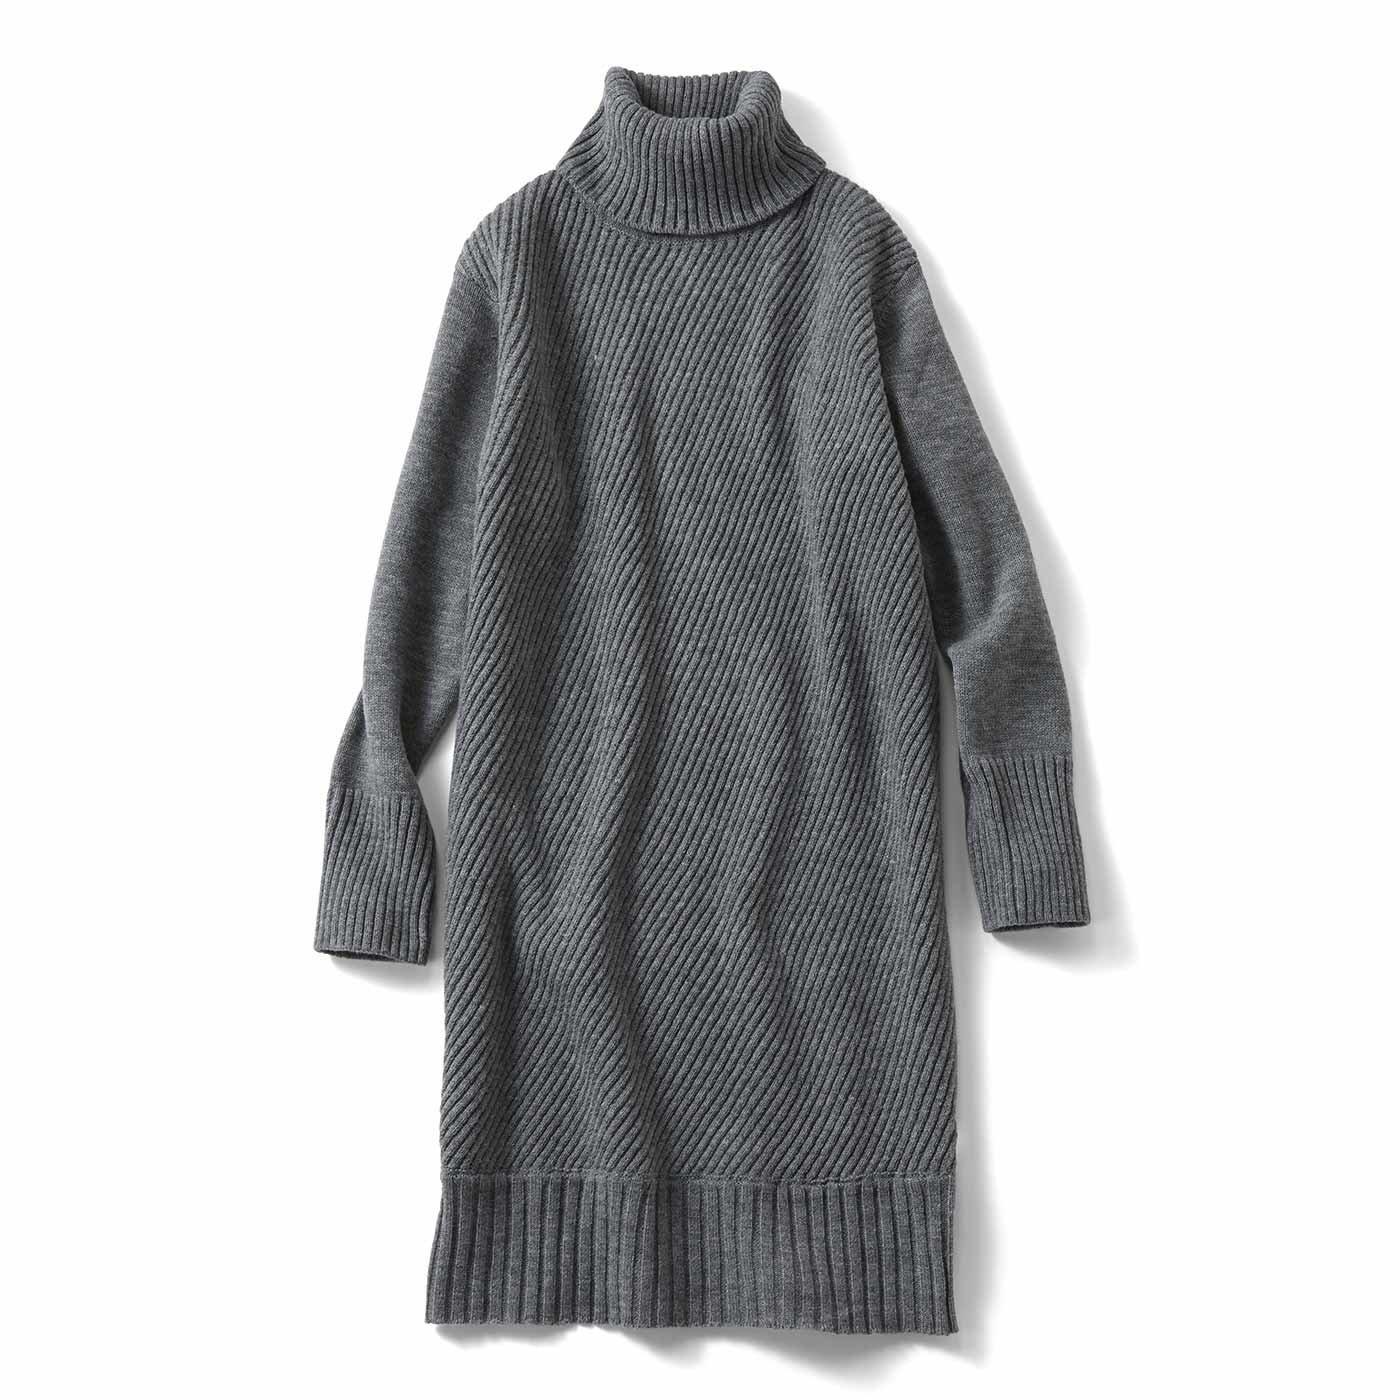 【3~10日でお届け】IEDIT[イディット] 斜めの編み地で着やせ ニットチュニックワンピース〈杢(もく)グレー〉